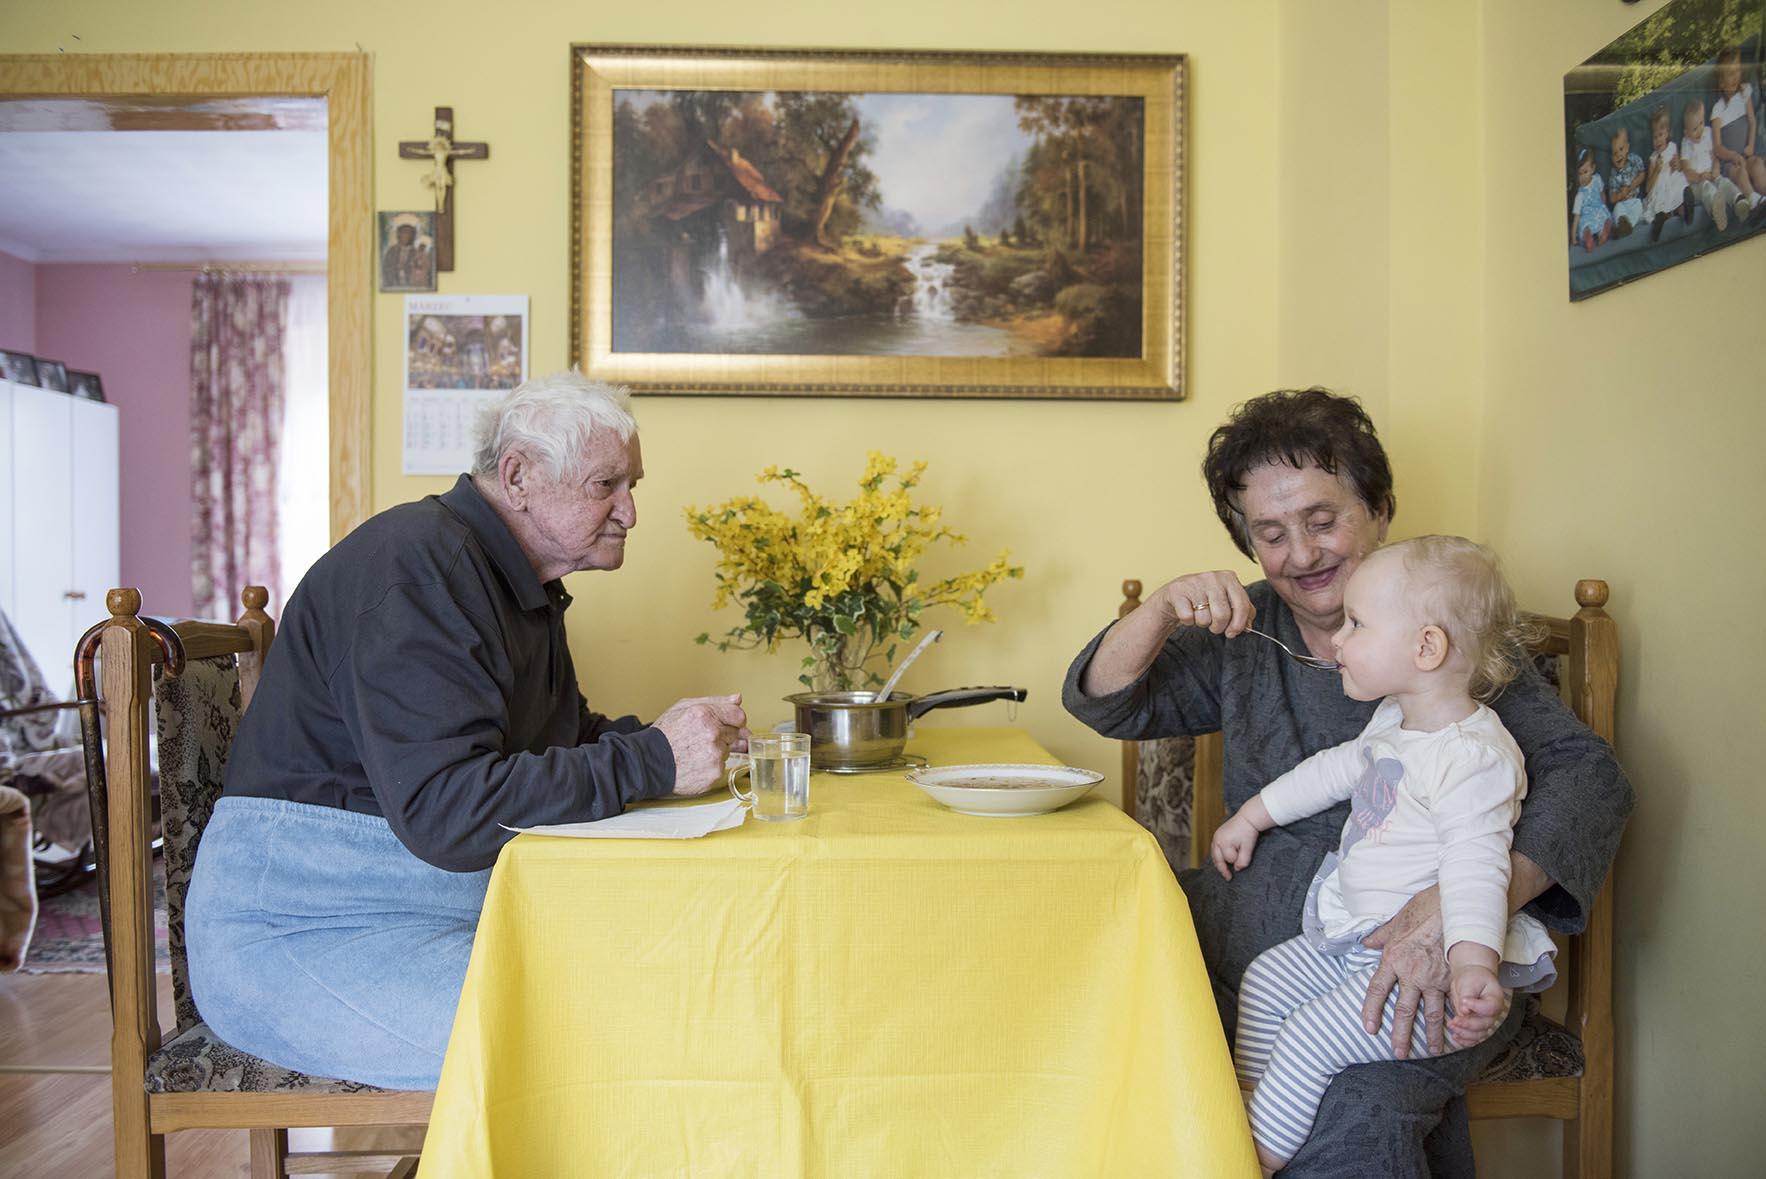 Obiady dla całej rodziny szykuje córka Pani Marysi, Felicja. W odwiedziny do dziadków przyjechała wnuczka Karolina z prawnuczką Larą.